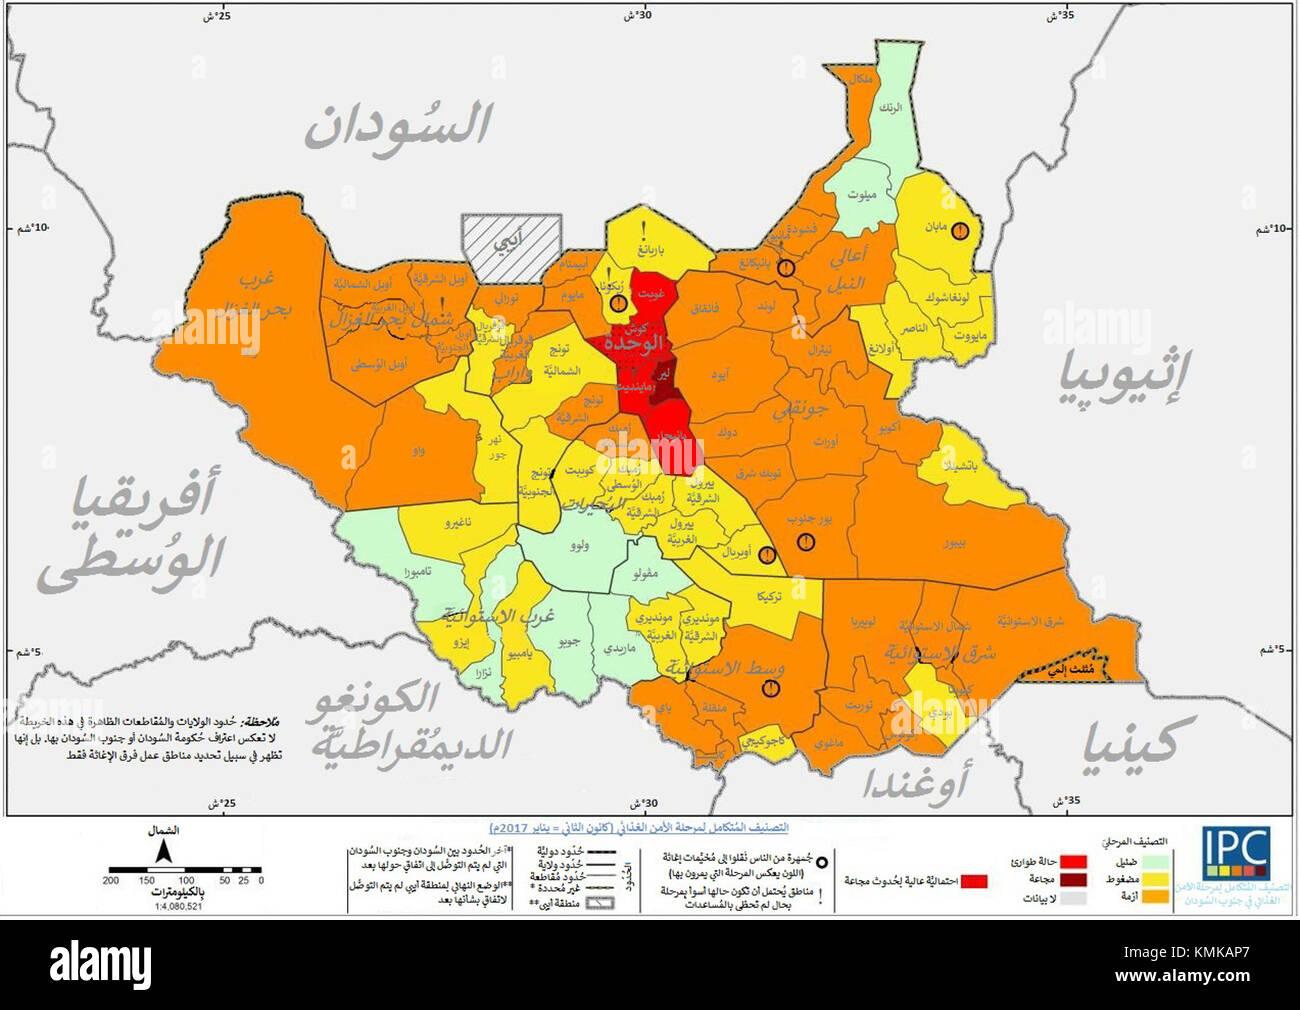 SouthSudan-ar - Stock Image